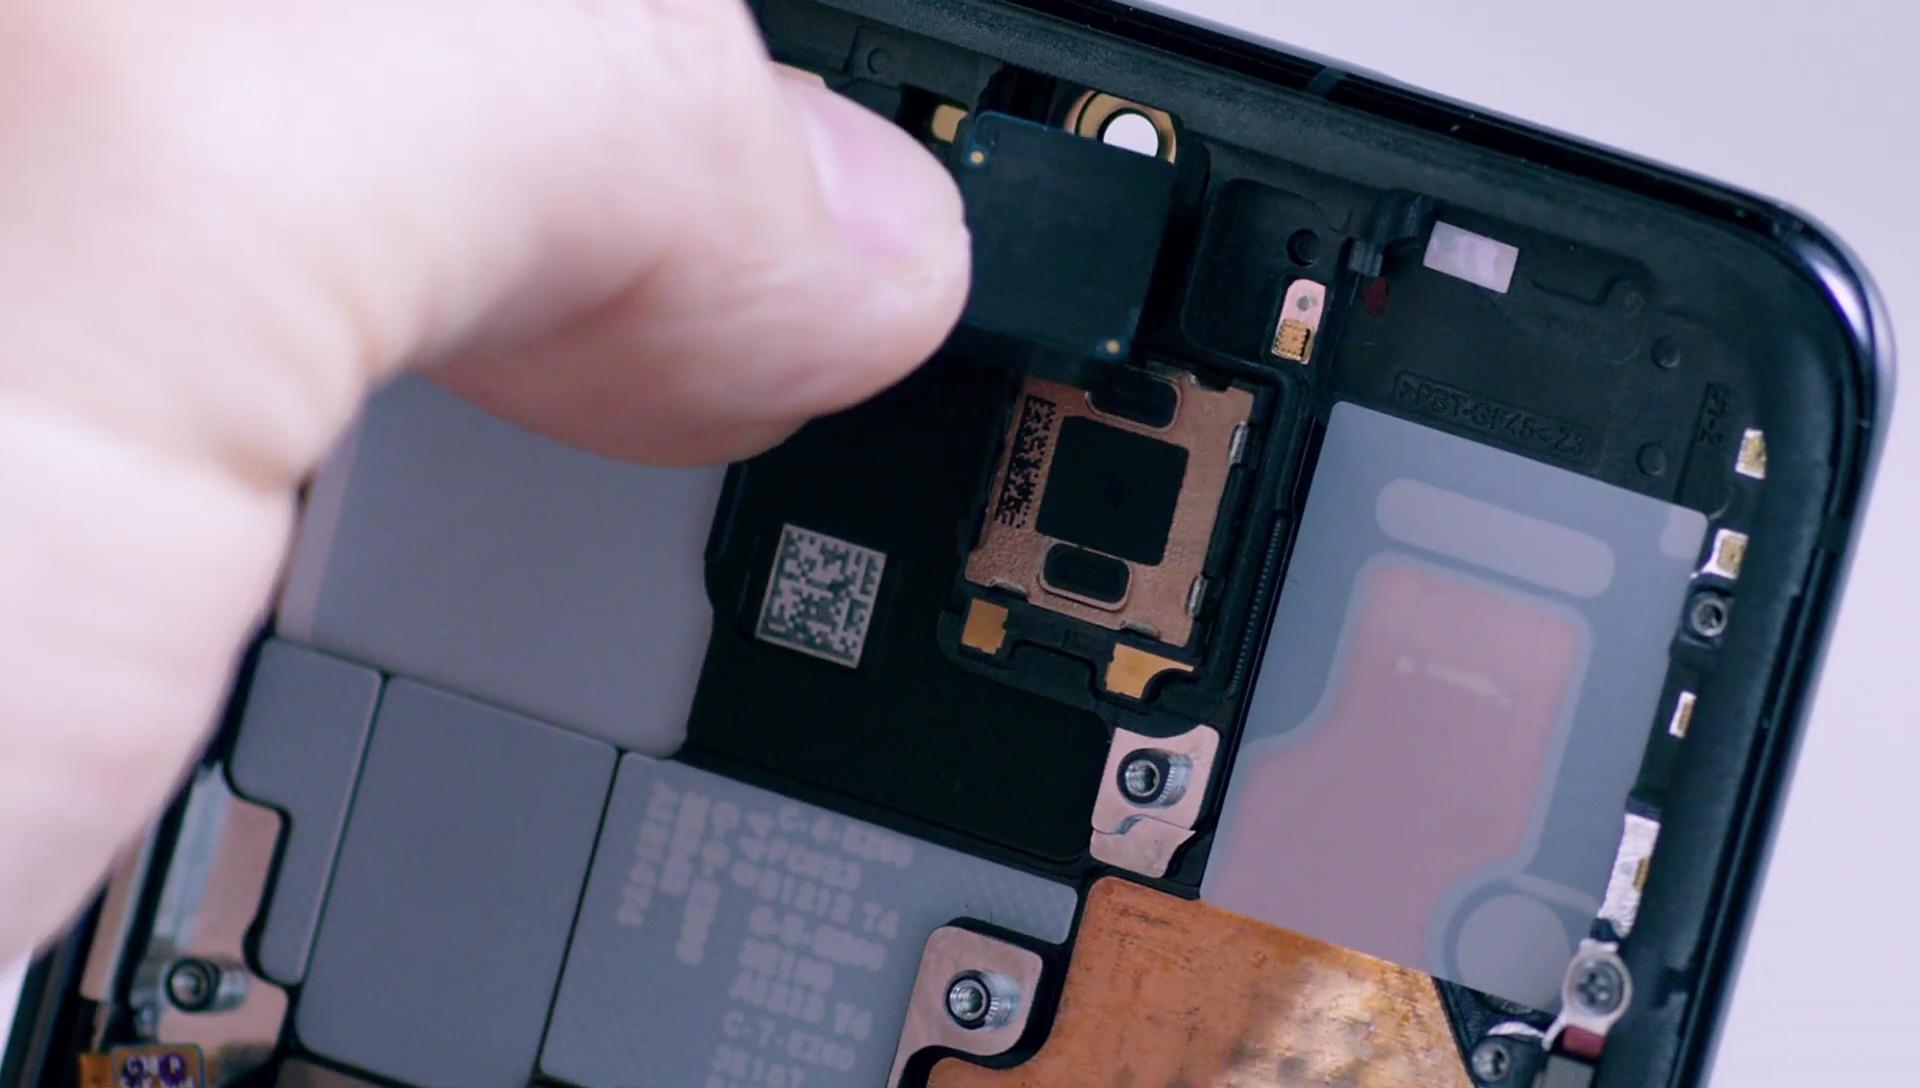 Mổ bụng Galaxy S20 Ultra: Có gì bên trong flagship mới nhất của Samsung? - Ảnh 8.